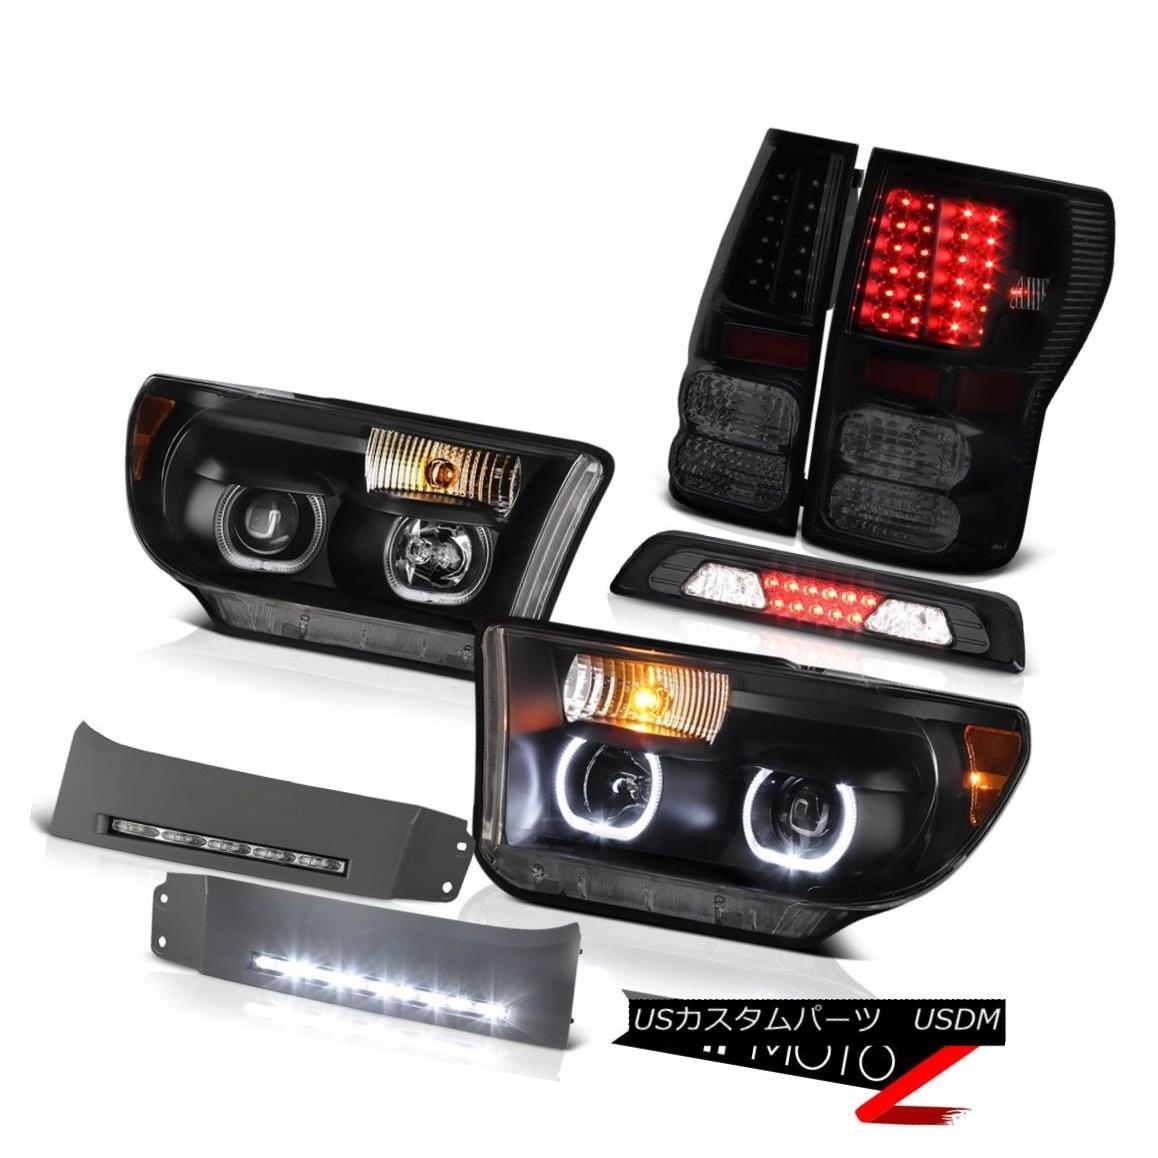 テールライト 07-13 Toyota Tundra SR5 Headlamps Bumper DRL 3RD Brake Lamp Taillamps Halo Rim 07-13トヨタ・トンドラSR5ヘッドランプバンパーDRL 3RDブレーキランプ・タイヤランプ・ハロー・リム